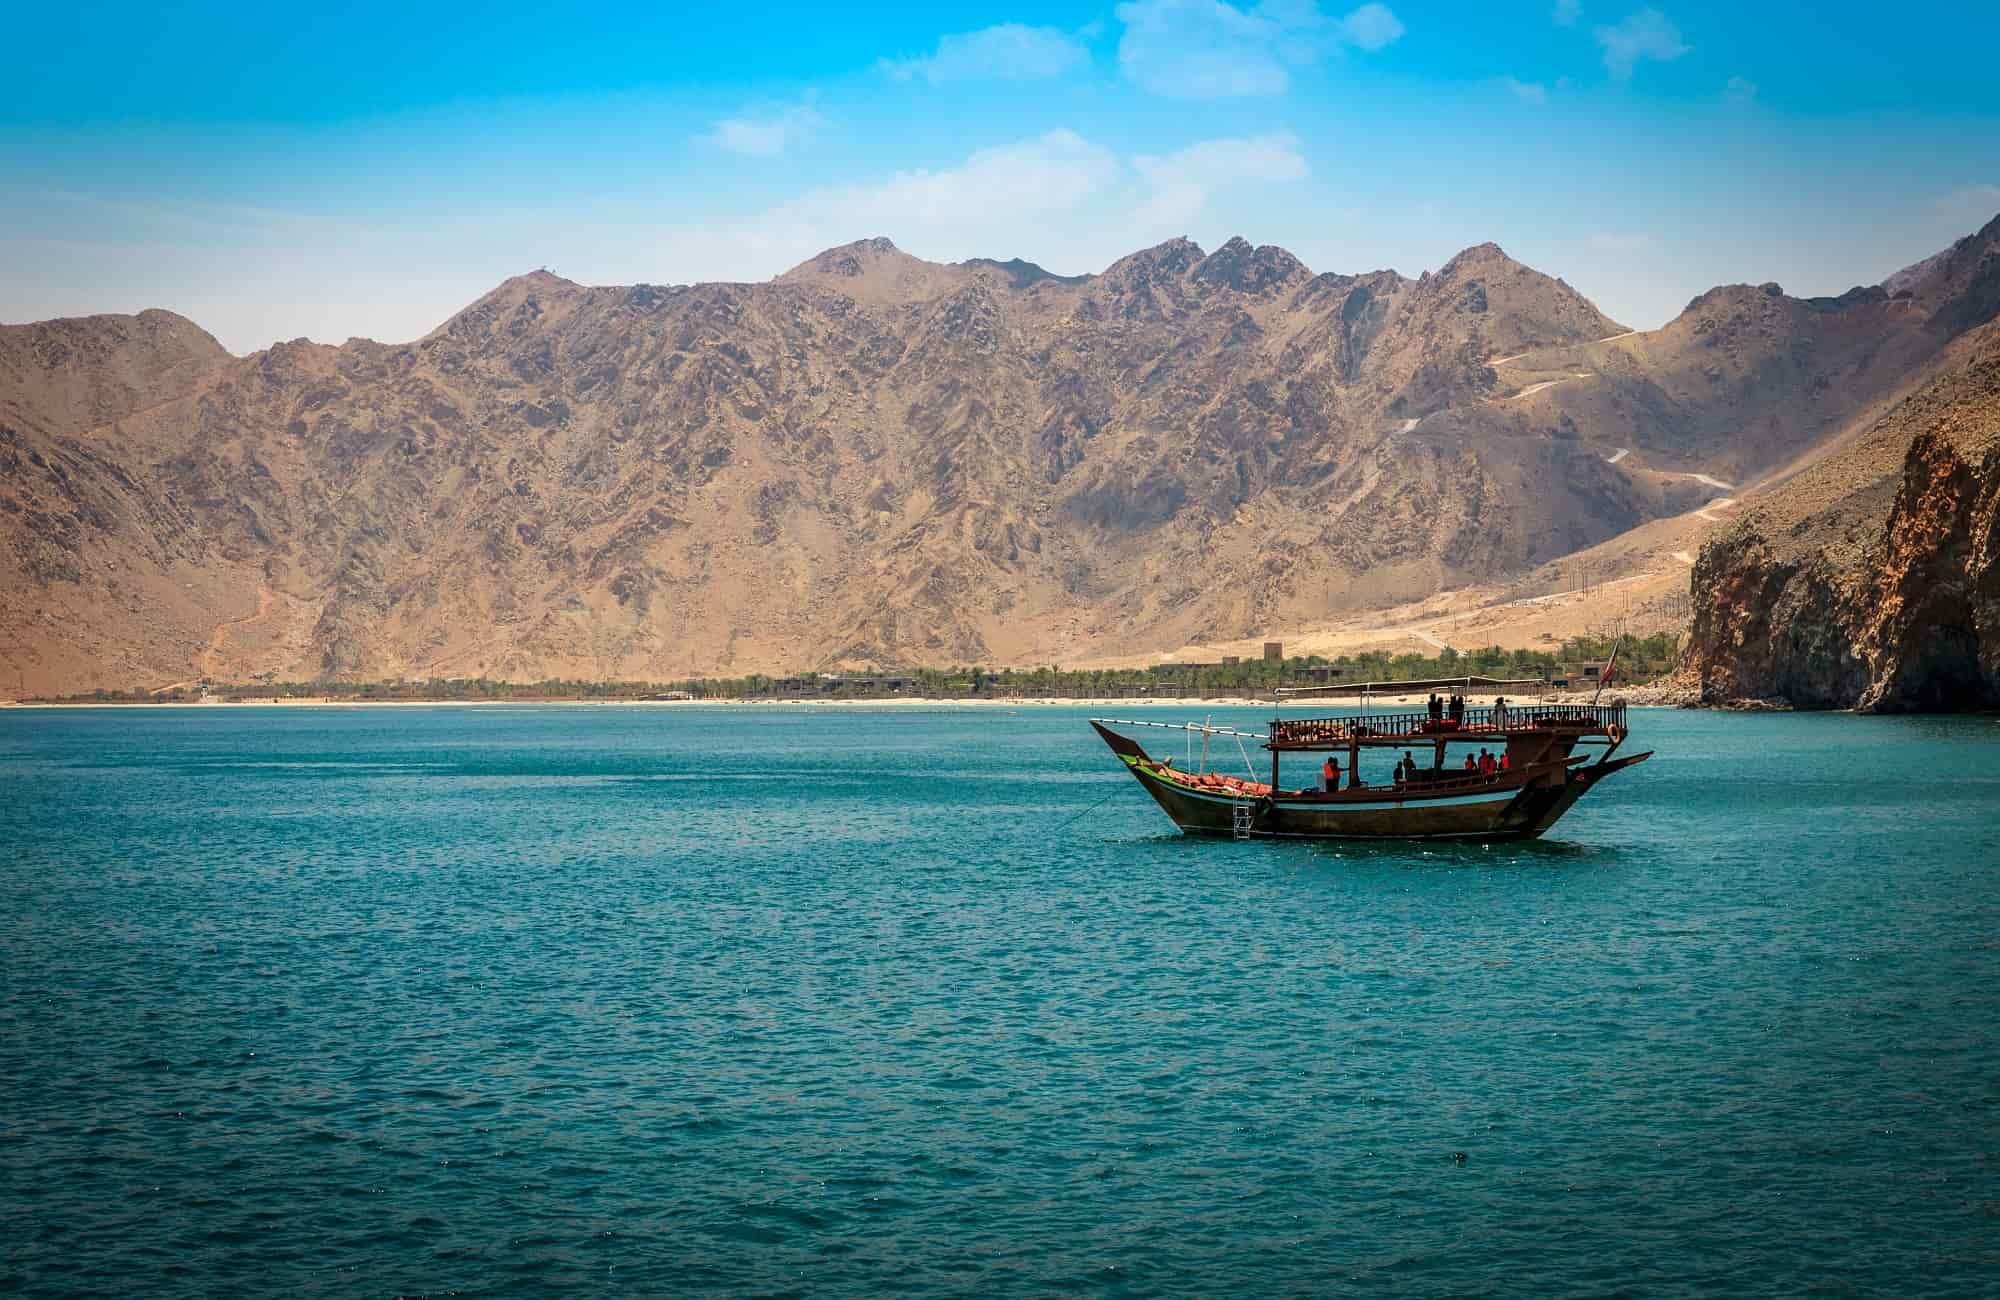 Voyage Oman - Bateau - Amplitudes